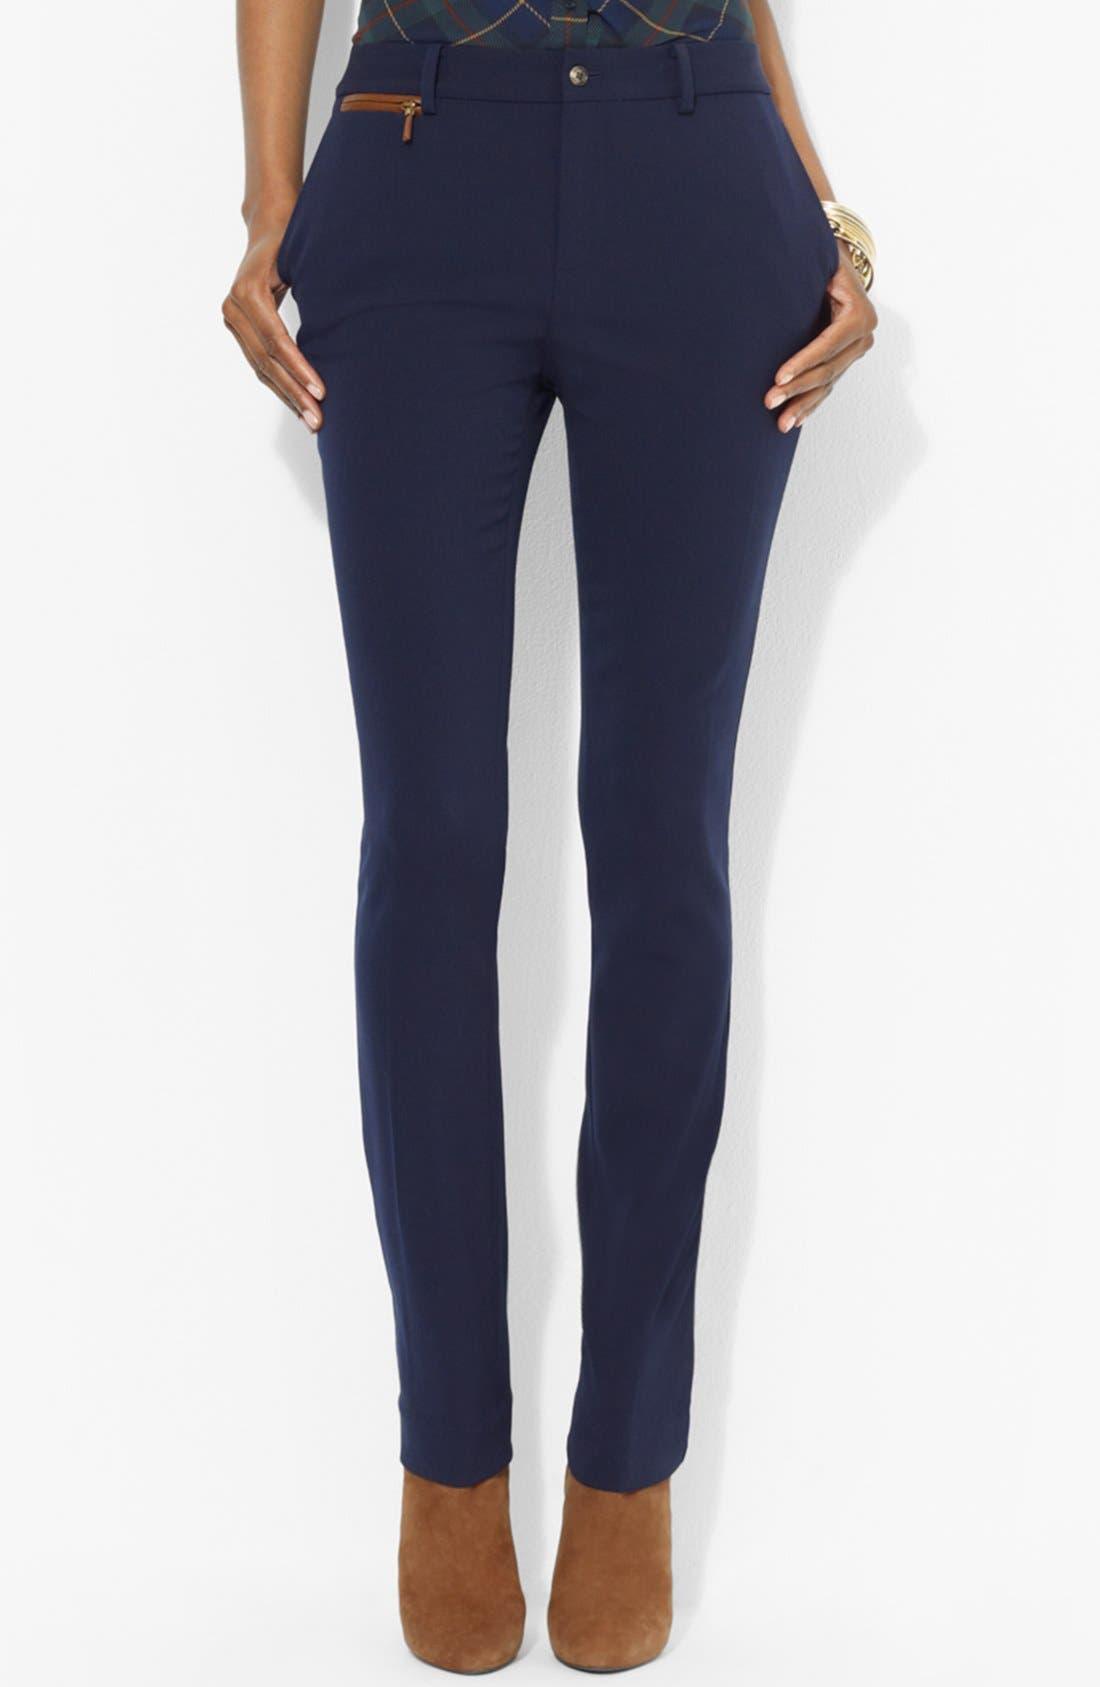 Alternate Image 1 Selected - Lauren Ralph Lauren Slim Wool Pants (Petite)